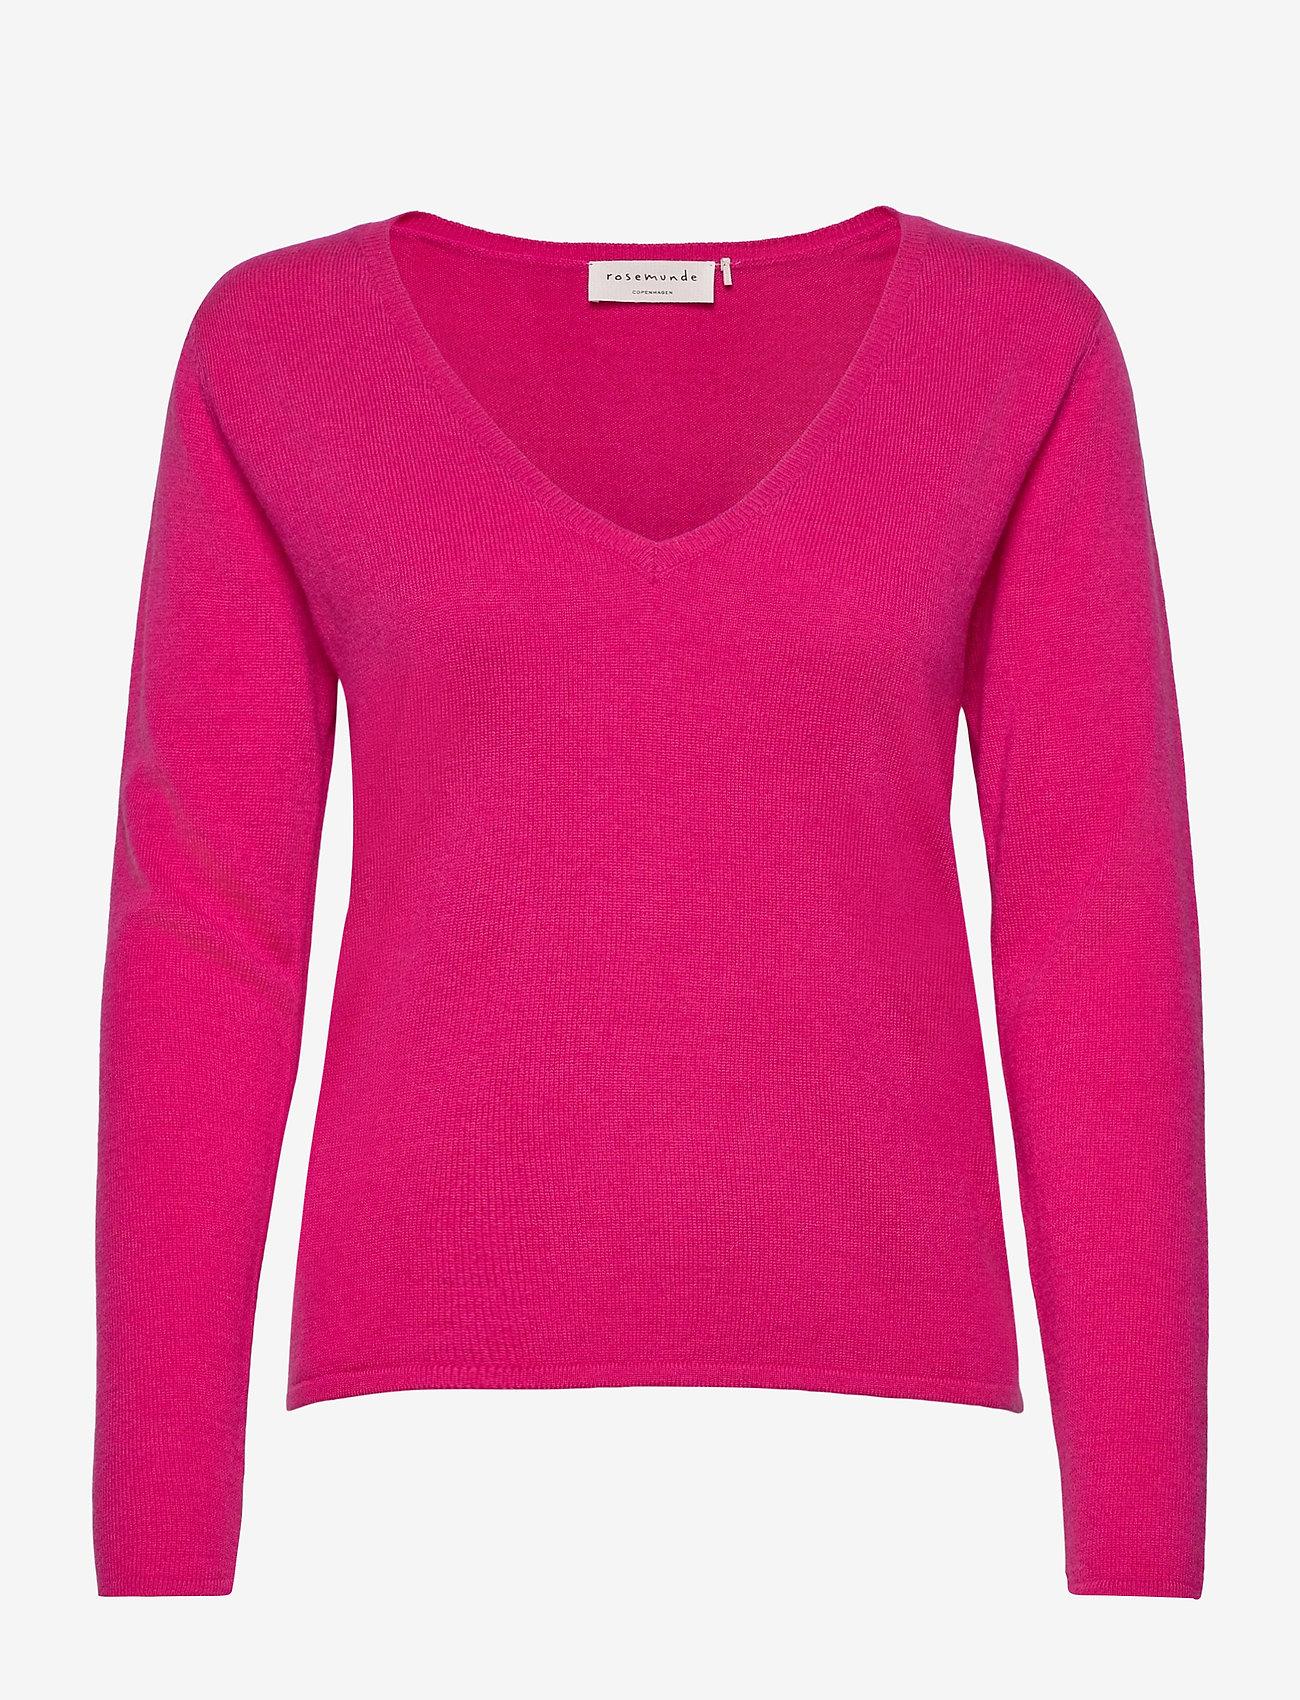 Rosemunde - Pullover ls - tröjor - very berry - 0